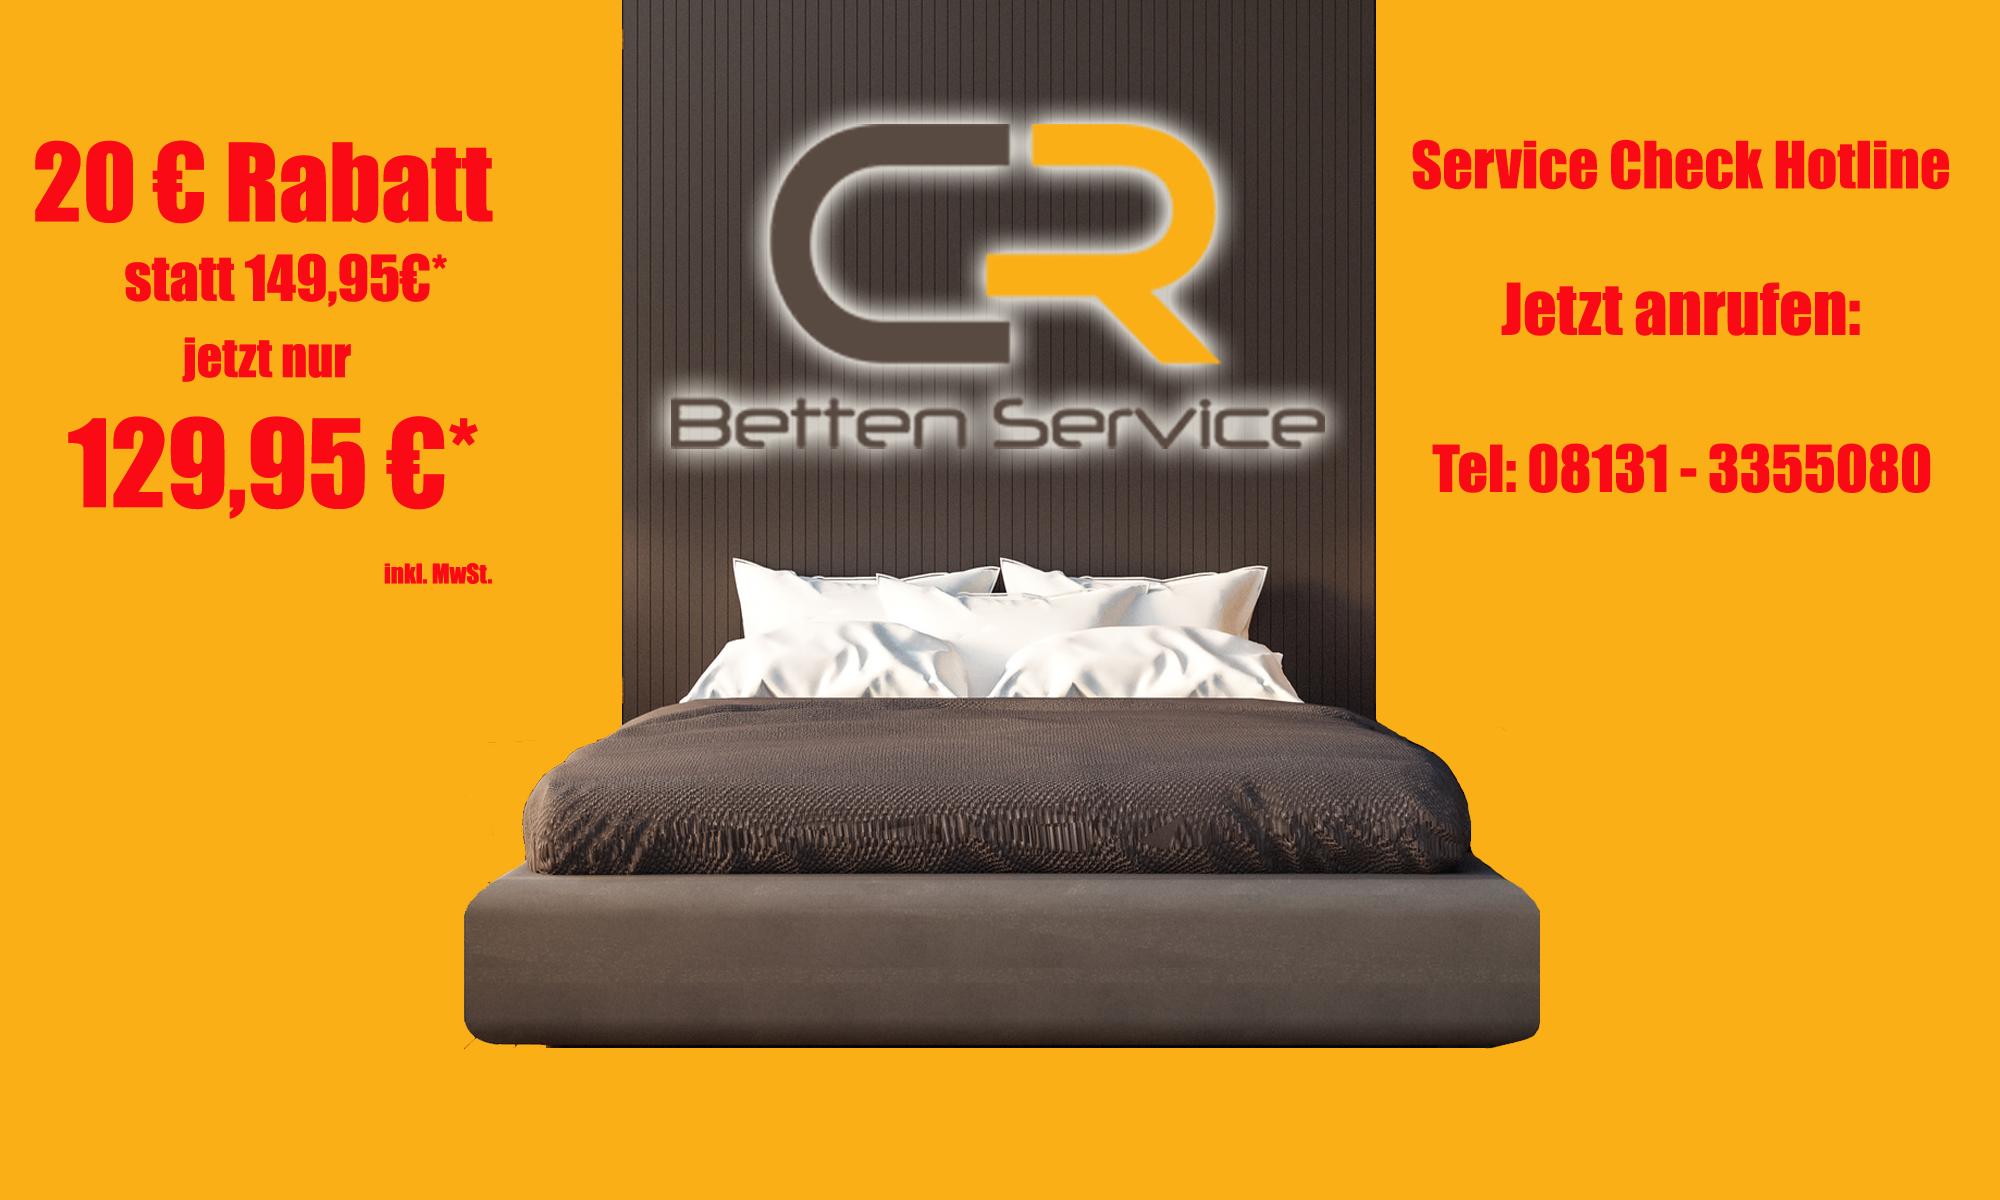 Favorit www.betten-service.de – Professioneller Service Check für Ihr Bett BM76